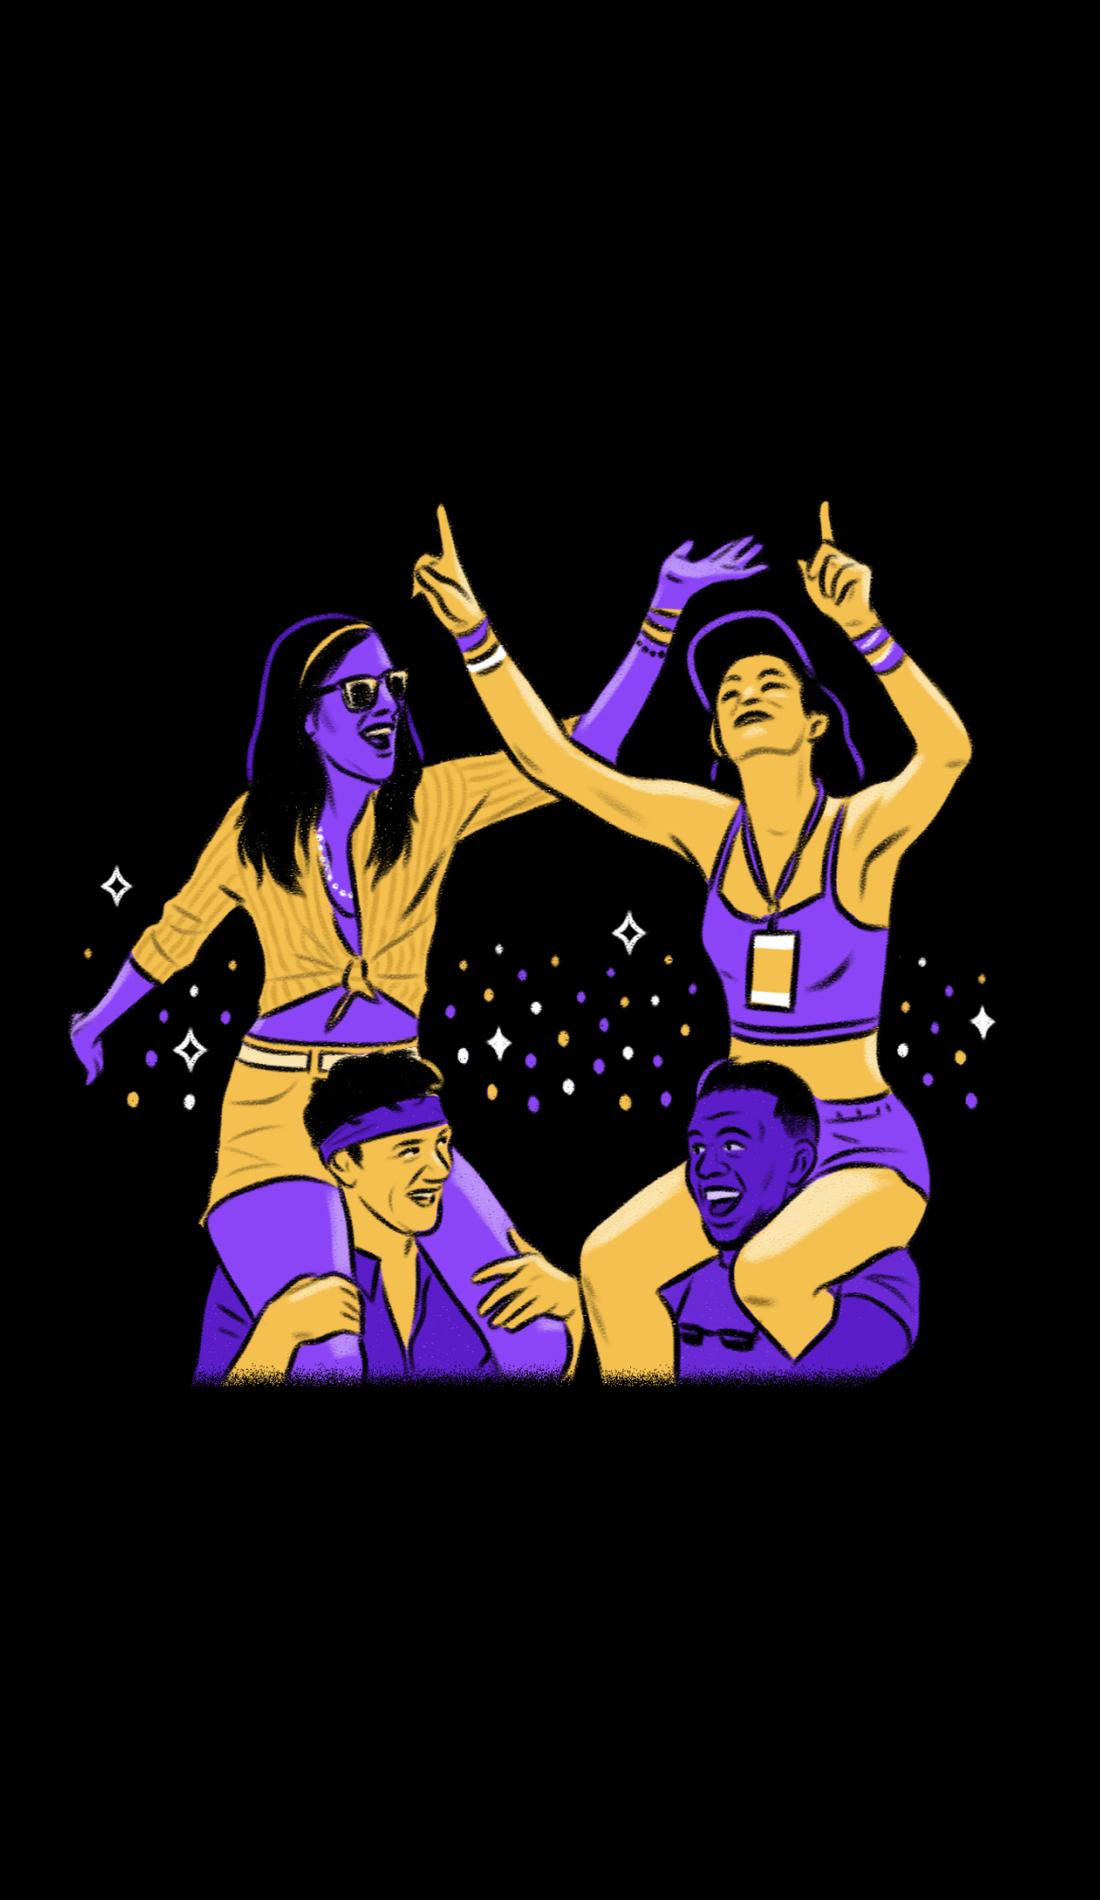 A Festival D'ete De Quebec live event